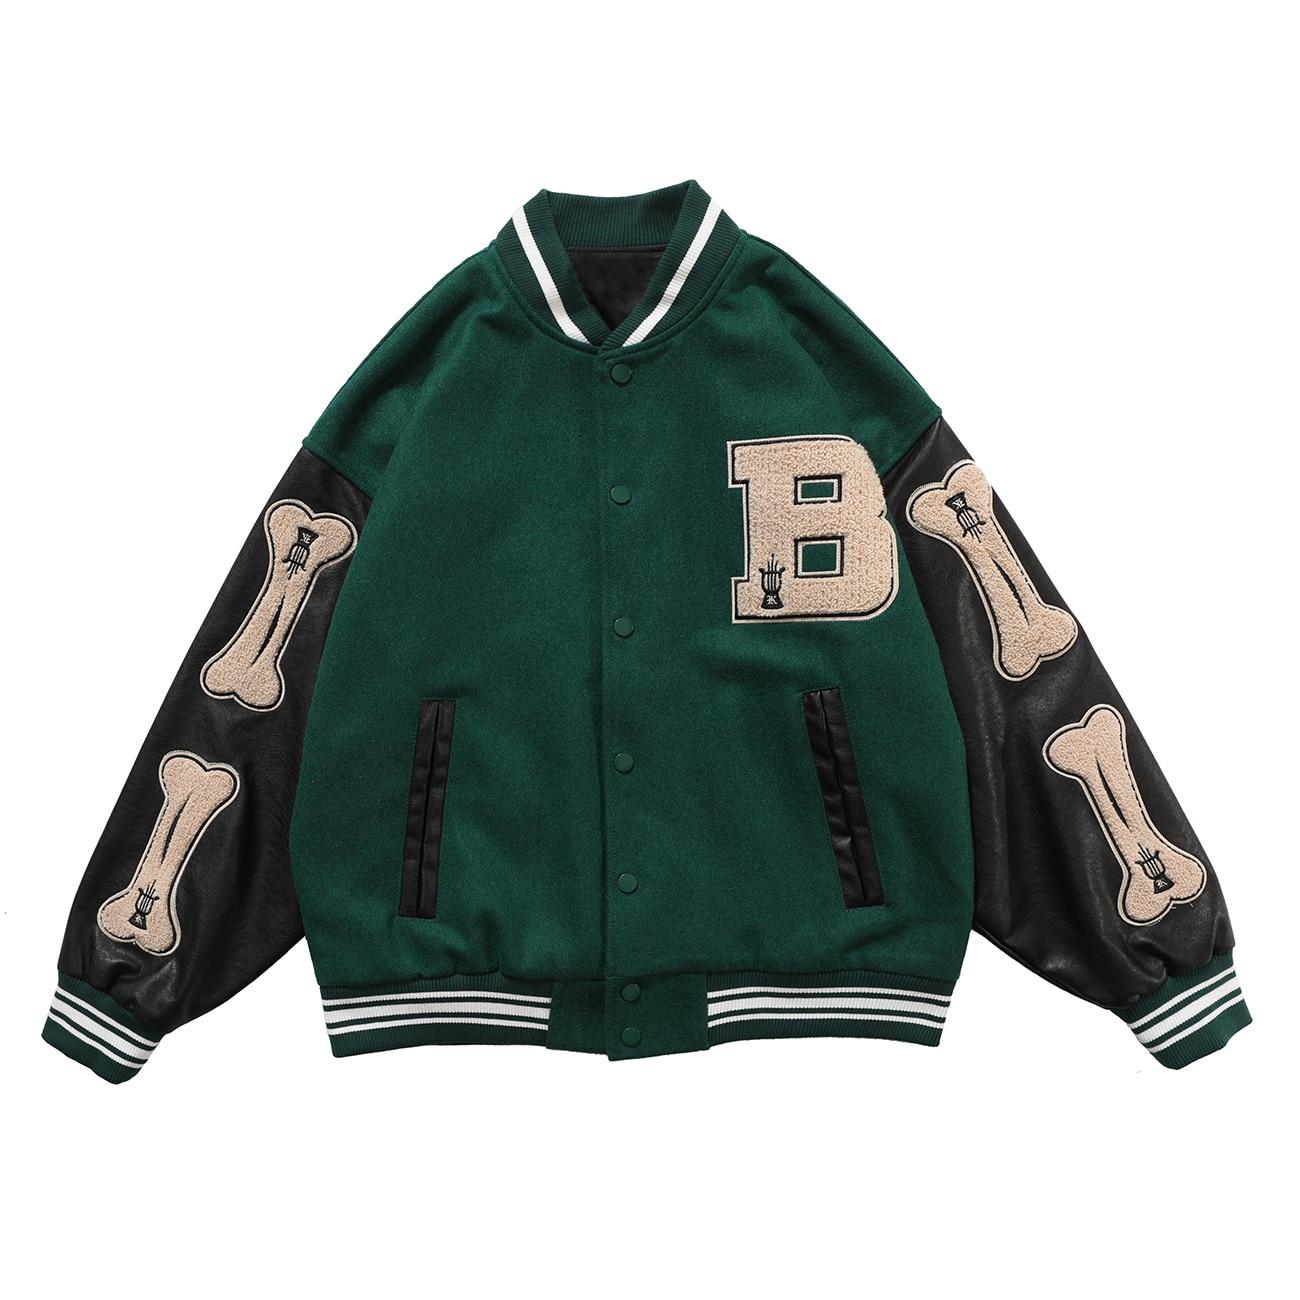 Vestes Hip Hop en Patchwork d'os de fourrure pour hommes, blouson de bloc de couleur Harajuku Streetwear pour hommes, manteaux de Baseball unisexes, 2021